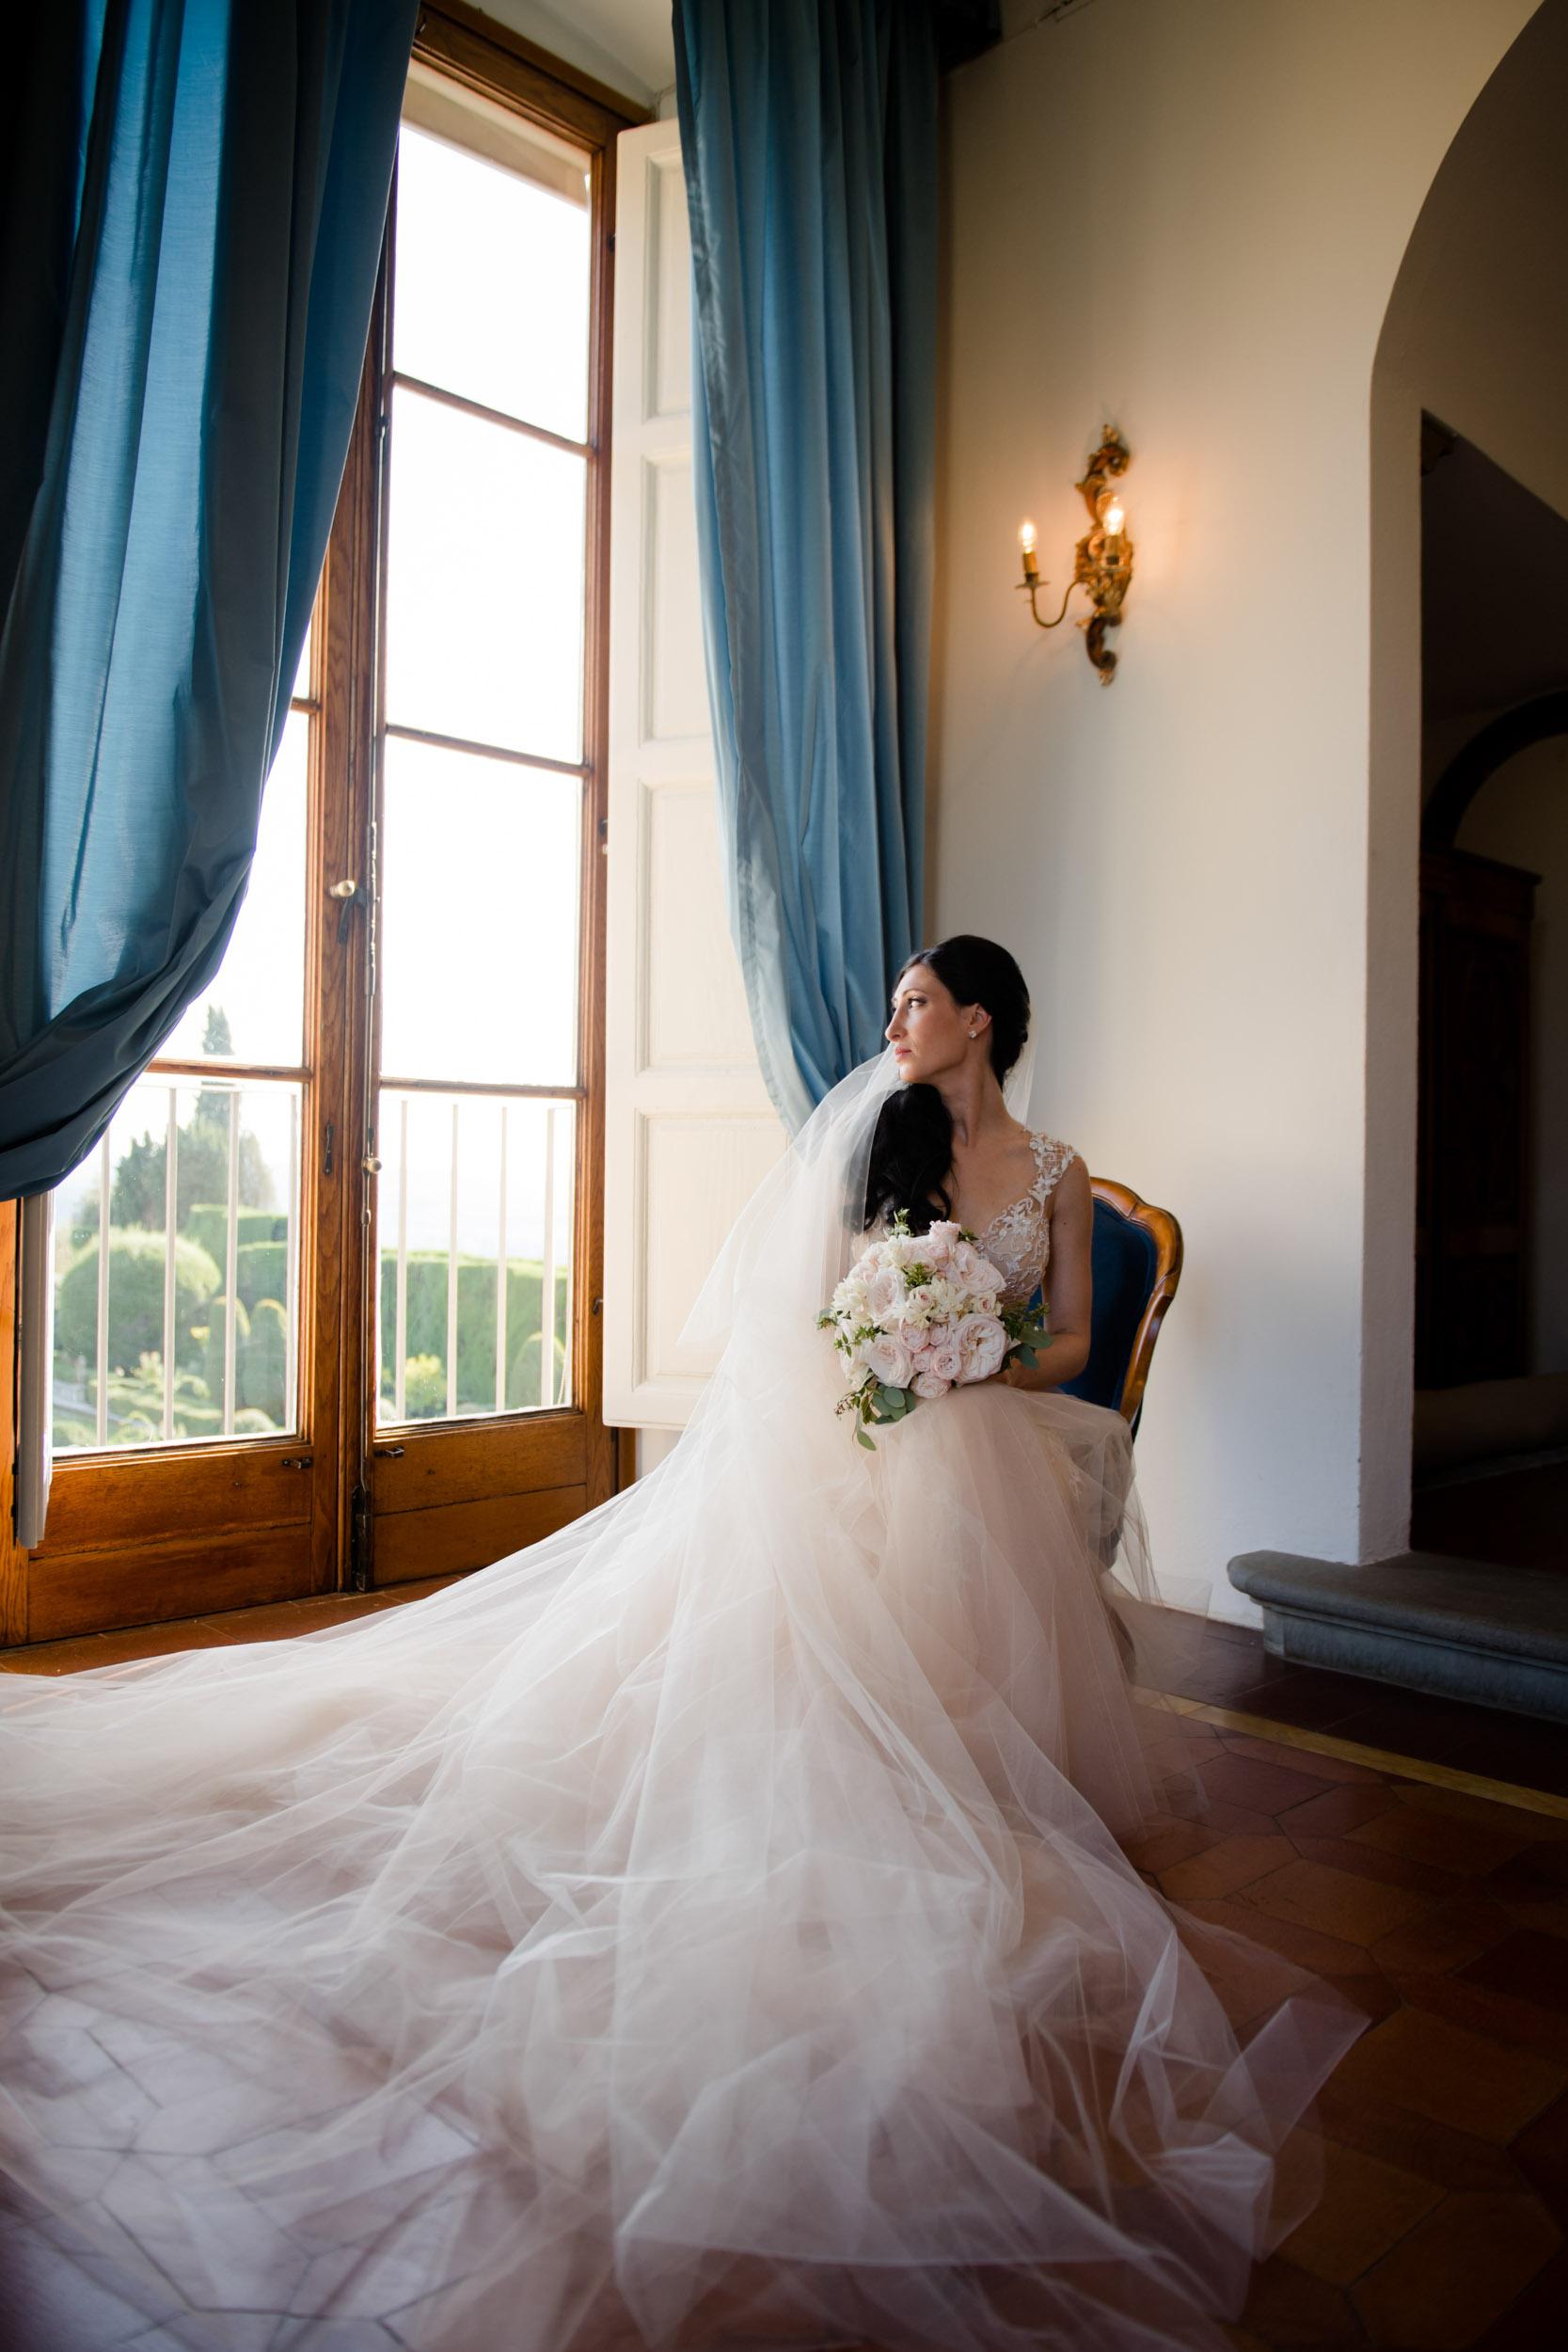 Bridal photos in Tuscany at Villa Gamberaia